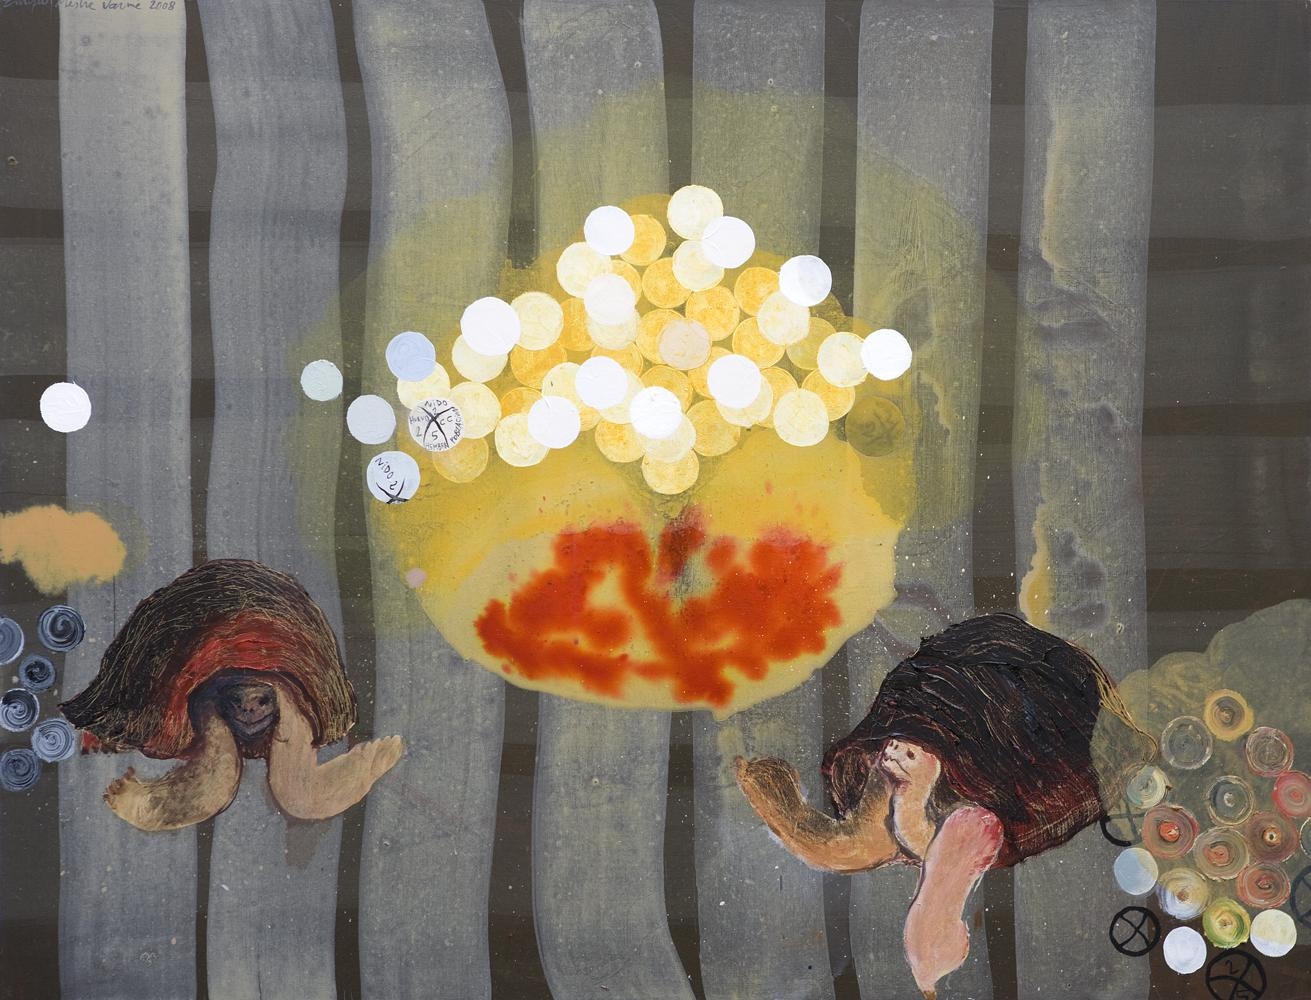 Reproducción asistida o nido nº2. 2008. Técnica mixta sobre tela. 116 x 89 cms.